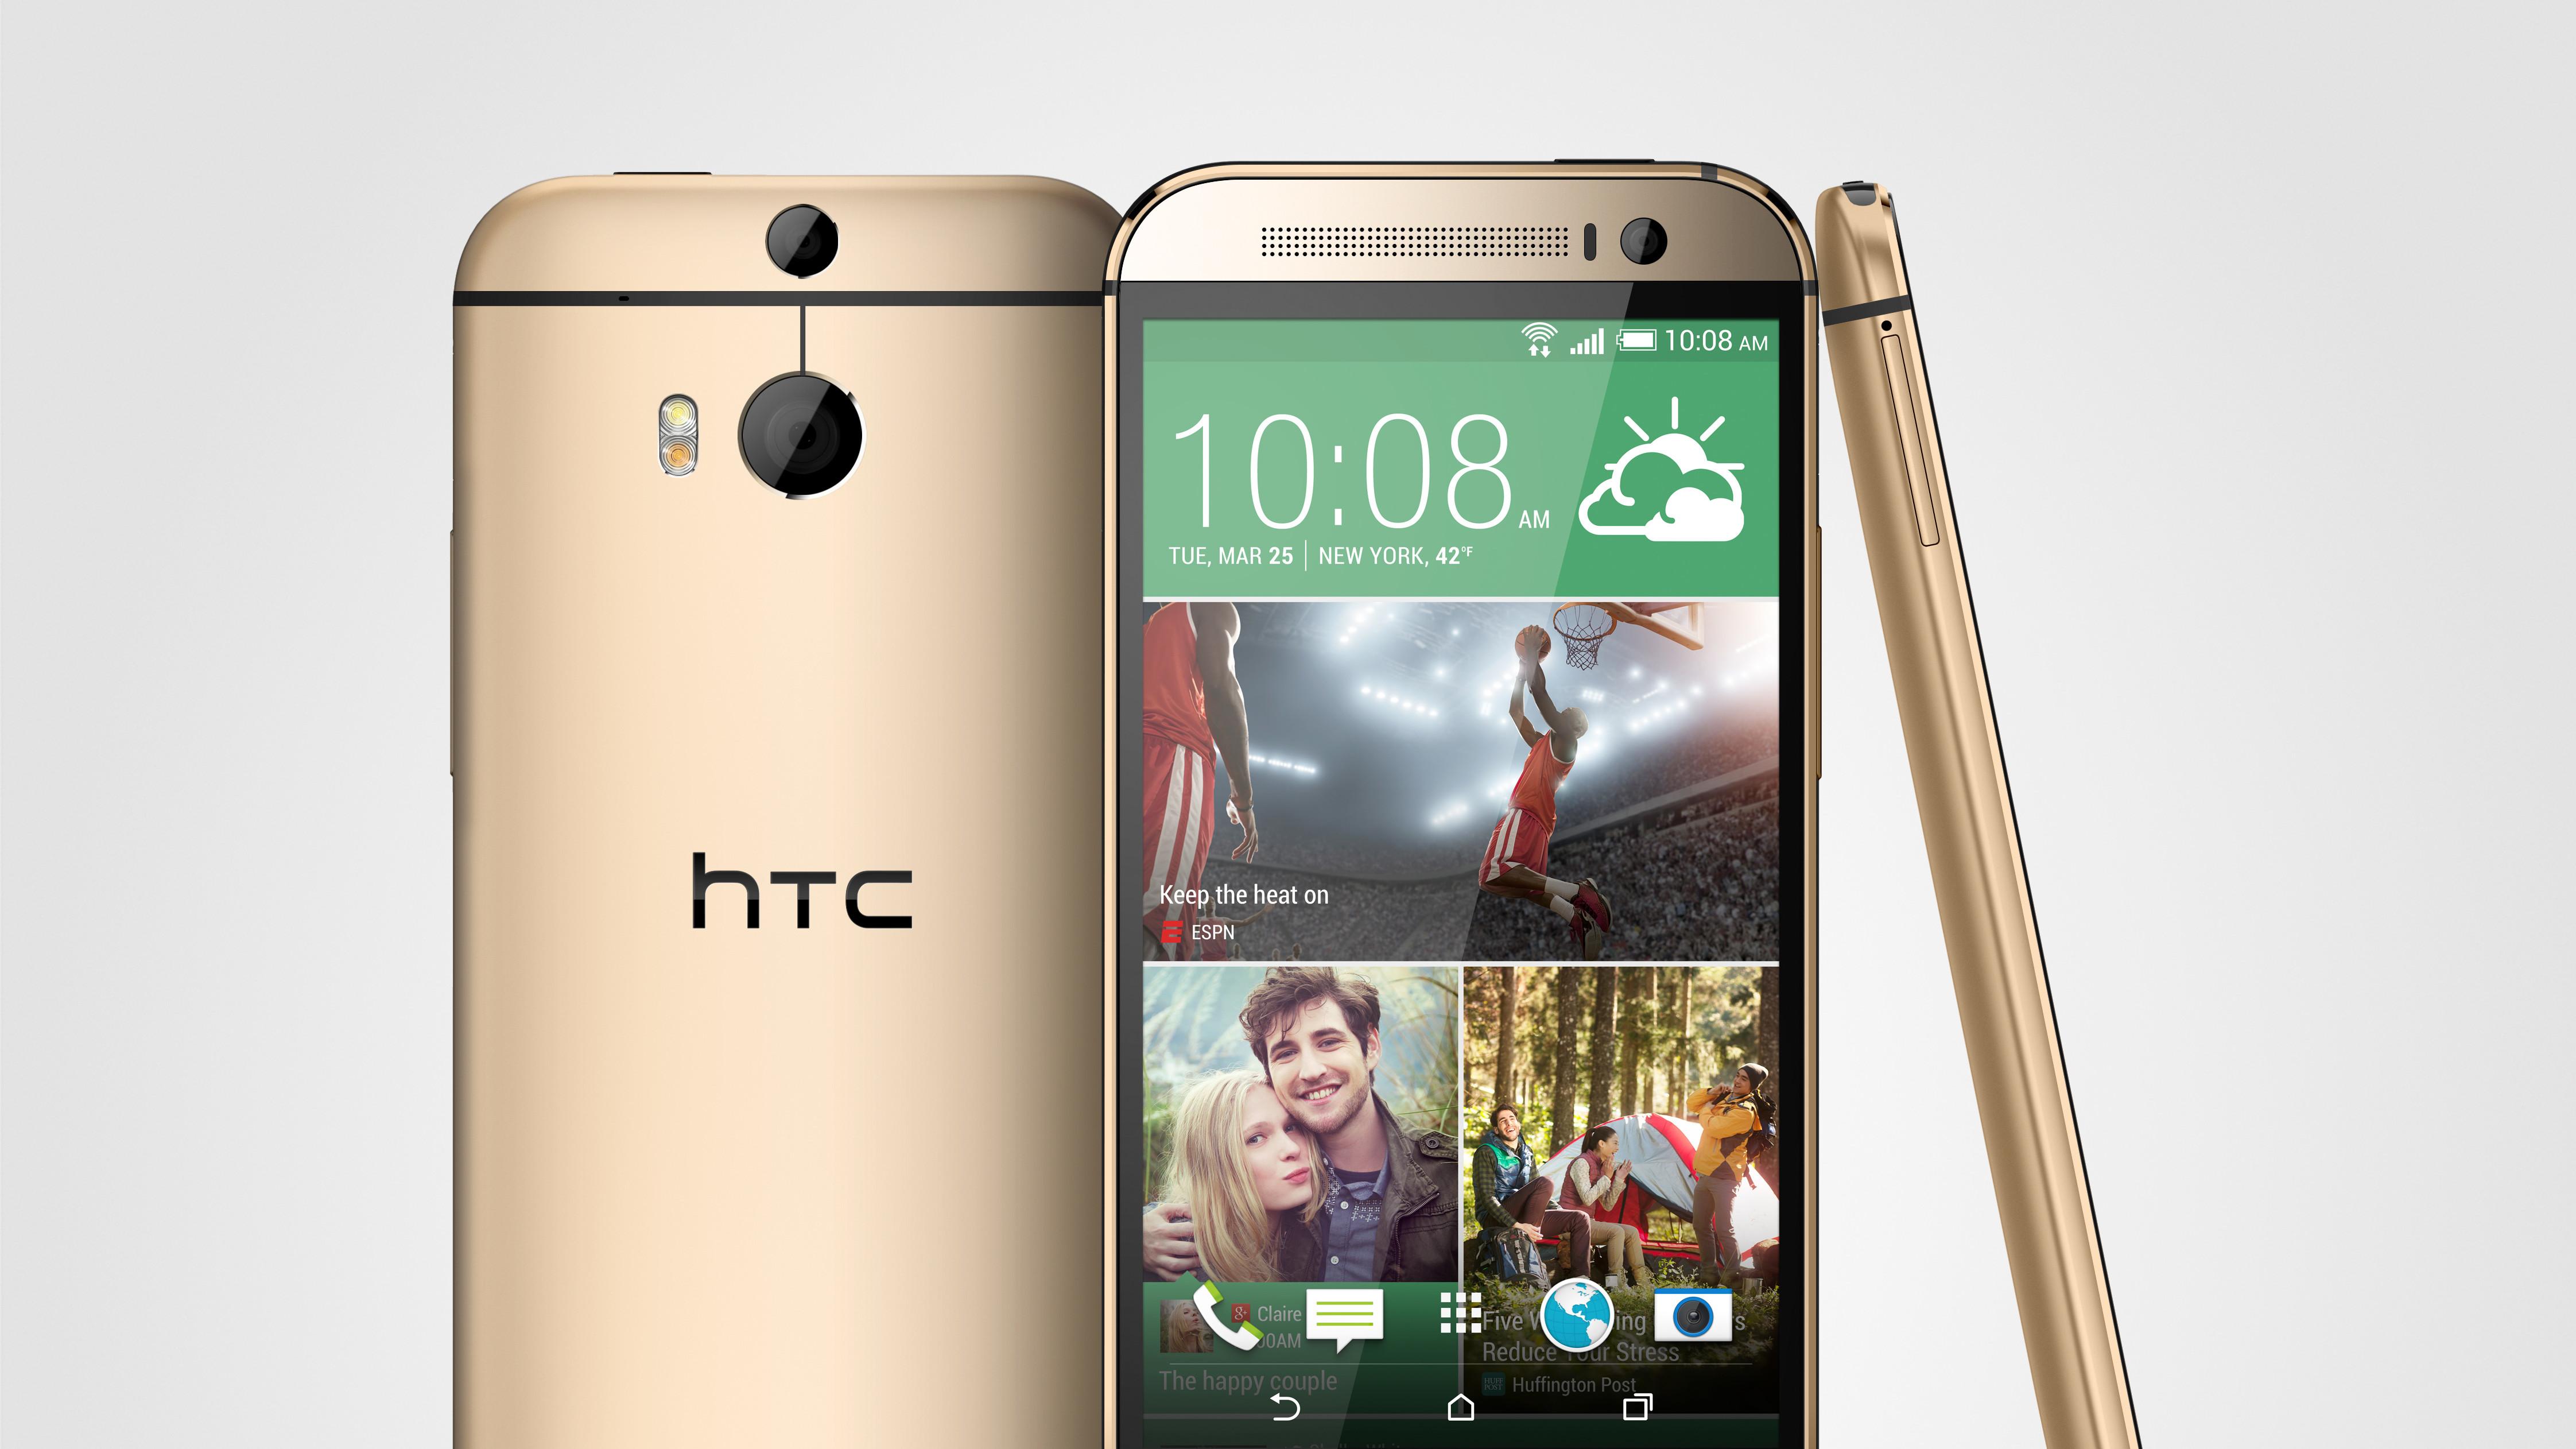 Snart kan du teste ulanserte produkter HTC.